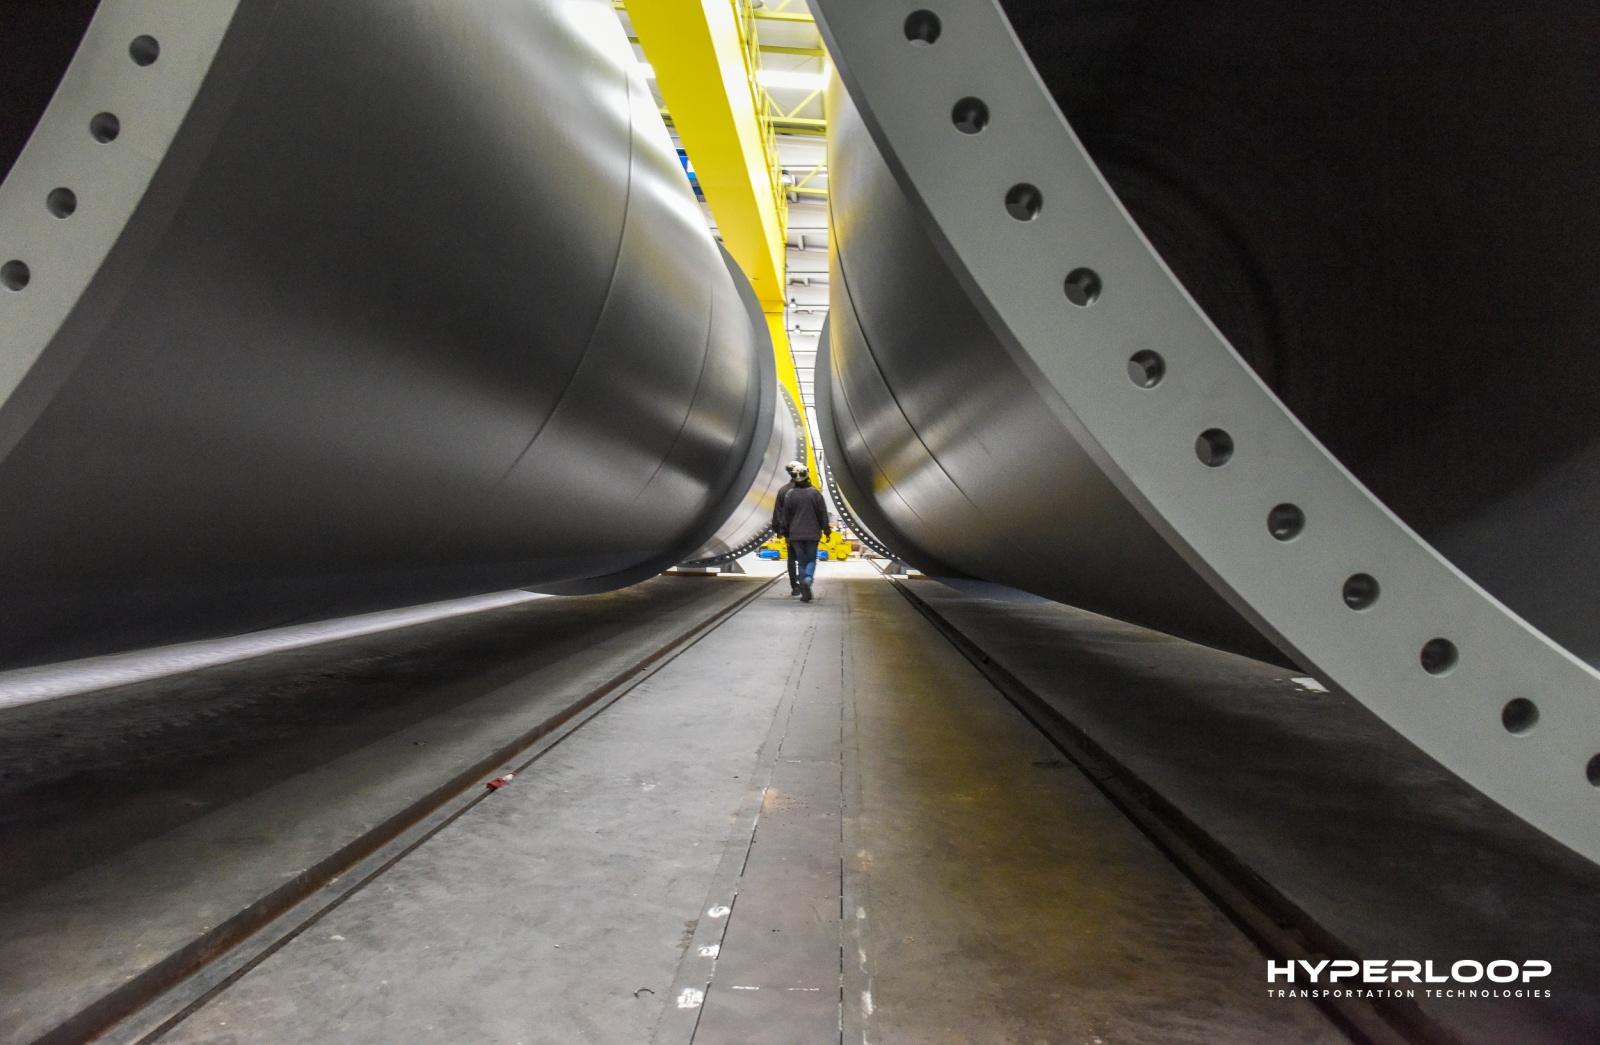 Hyperloop планирует построить первую ветку в Абу-Даби в 2019 году - 3